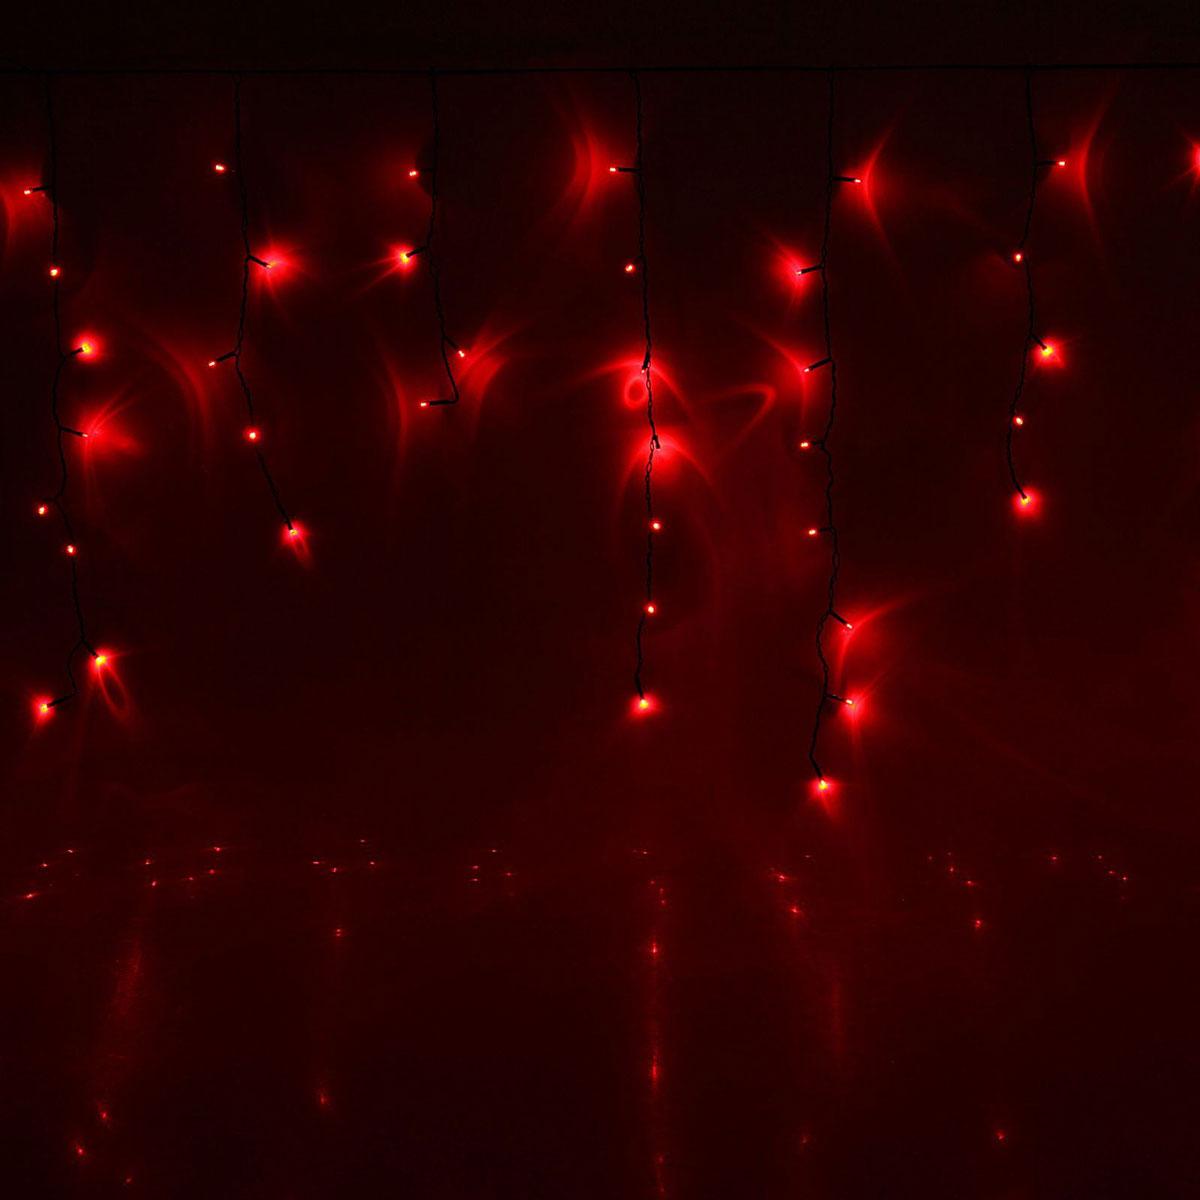 Гирлянда светодиодная Luazon Бахрома, 8 режимов, 96 ламп, 220 V, цвет: красный, 3 х 0,7 м. 1585768 лонда 10 96 отзывы